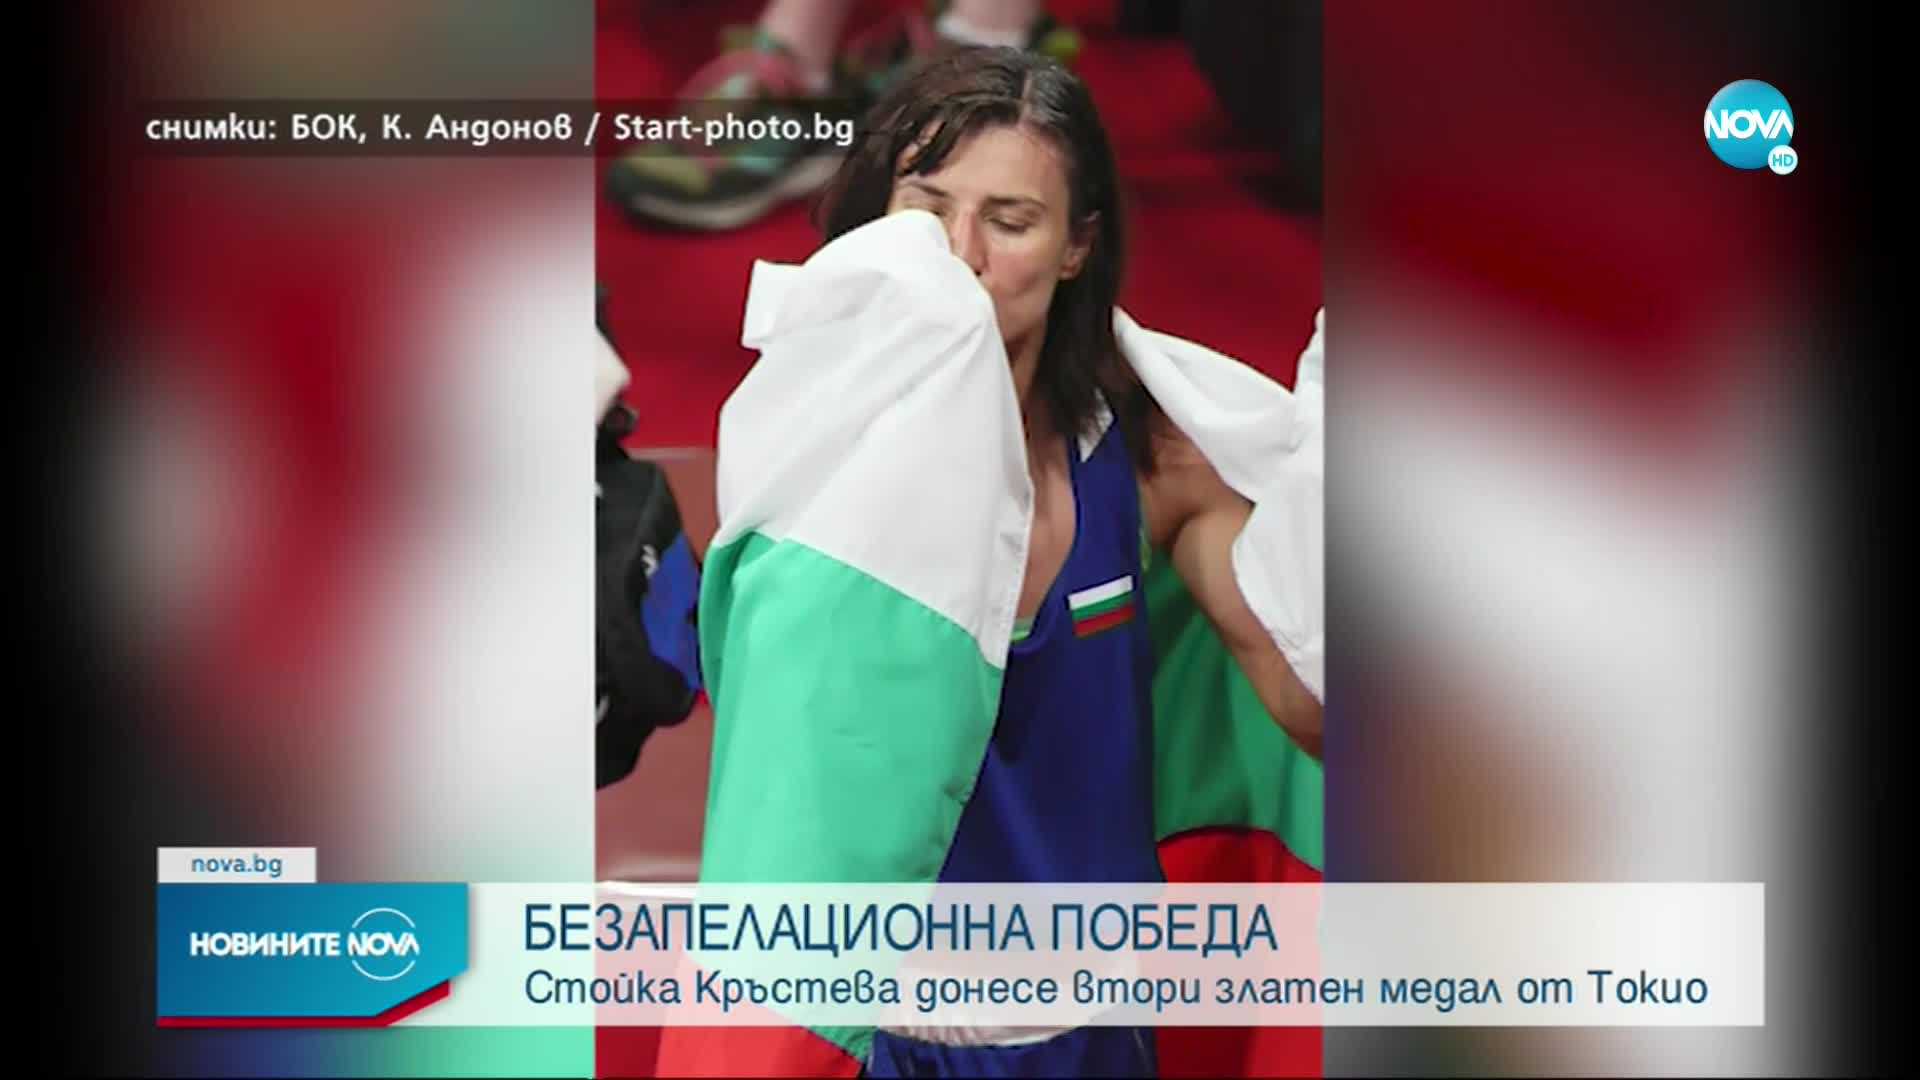 ТРИУМФ: Стойка Кръстева донесе втора олимпийска титла за България